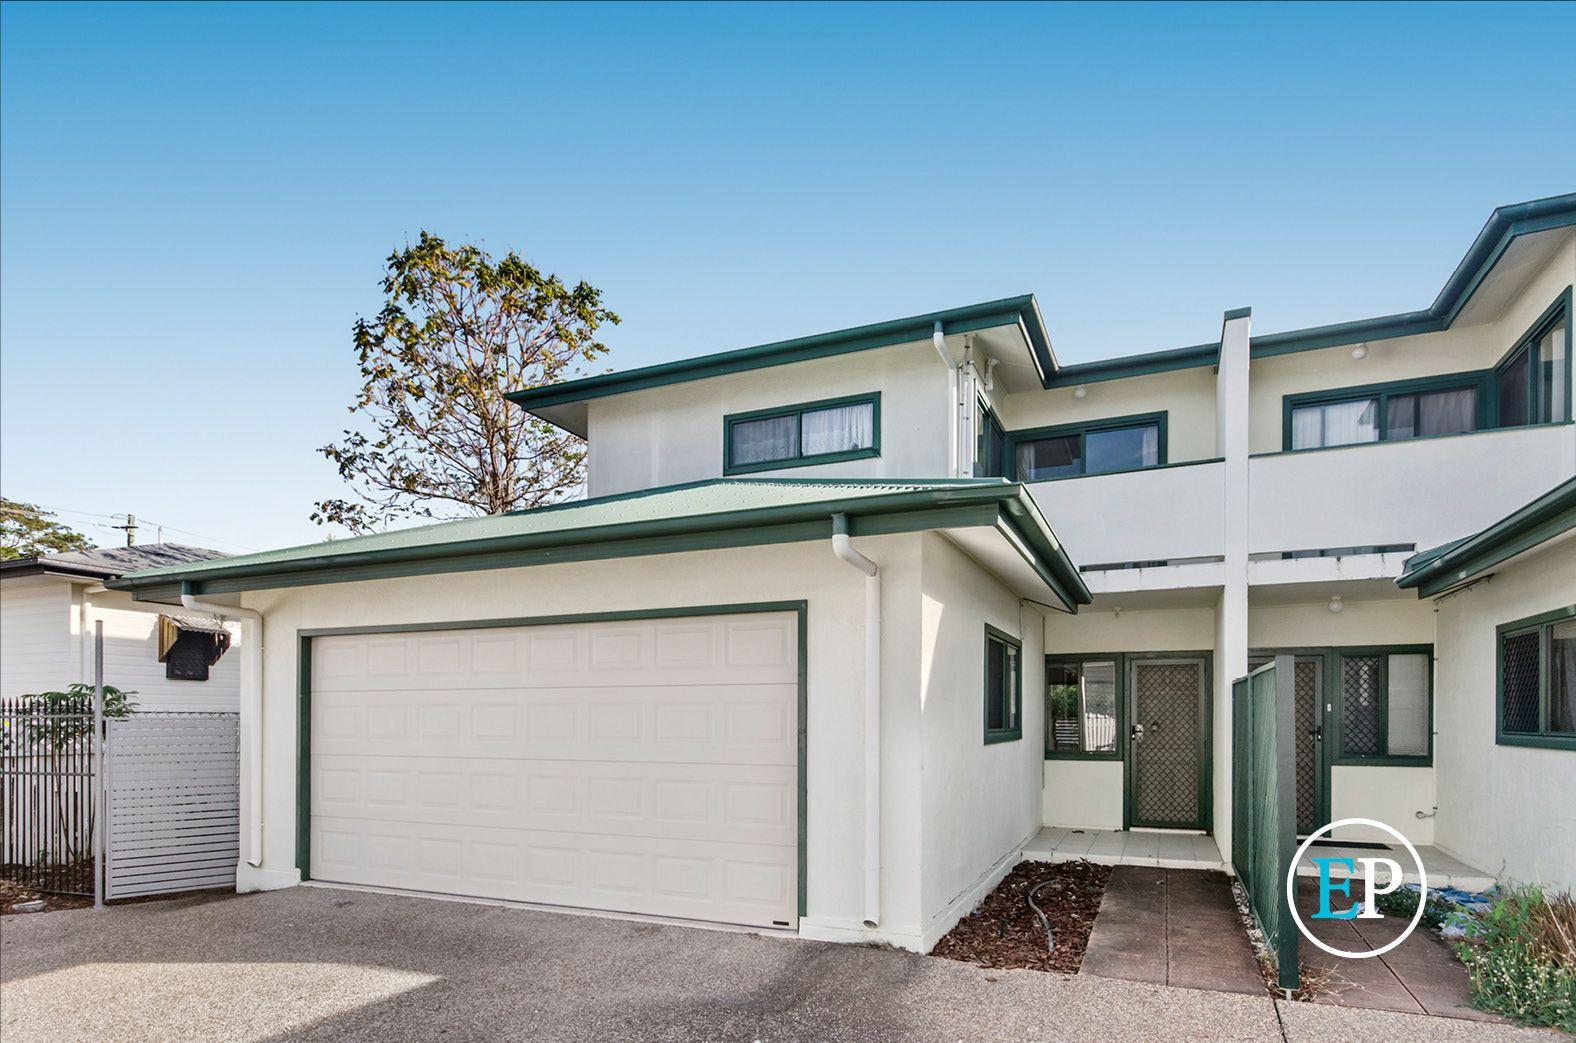 2/62 Arthur Street, Aitkenvale QLD 4814, Image 0